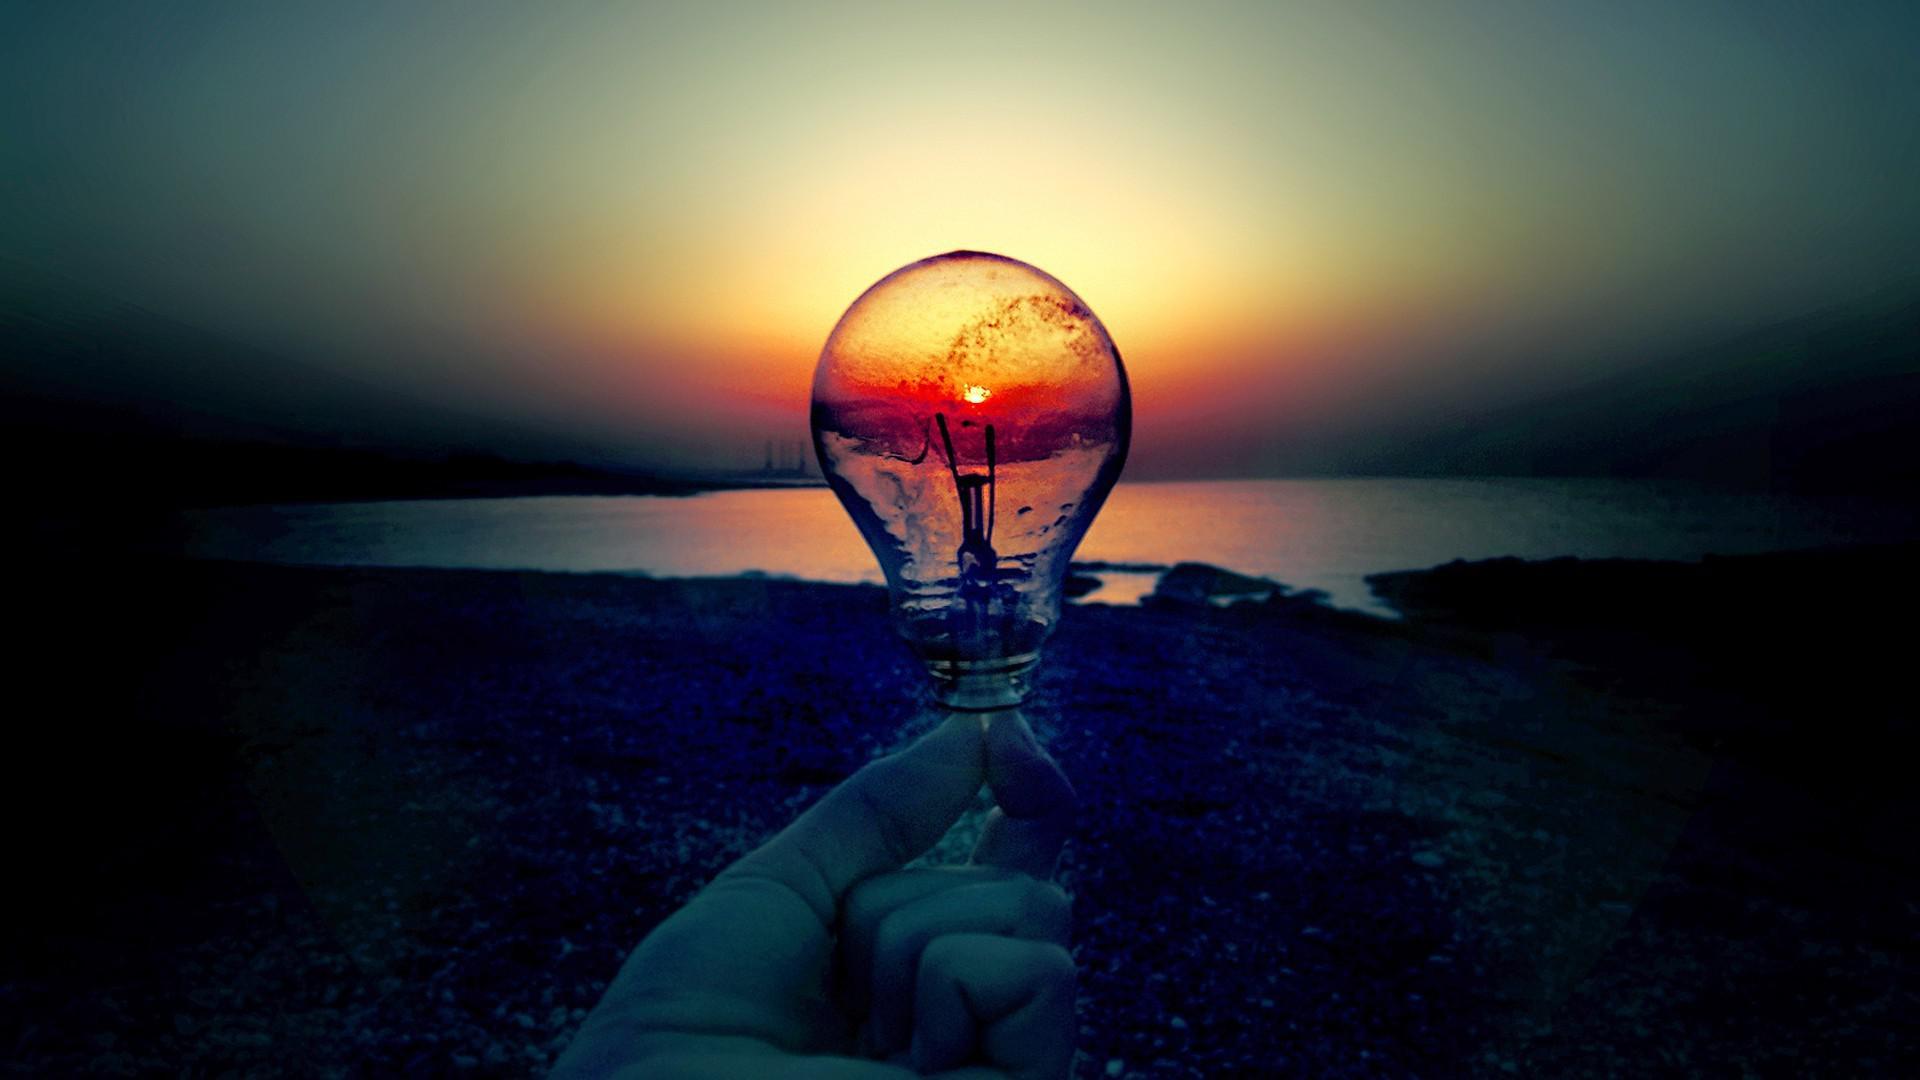 Better Light Bulbs